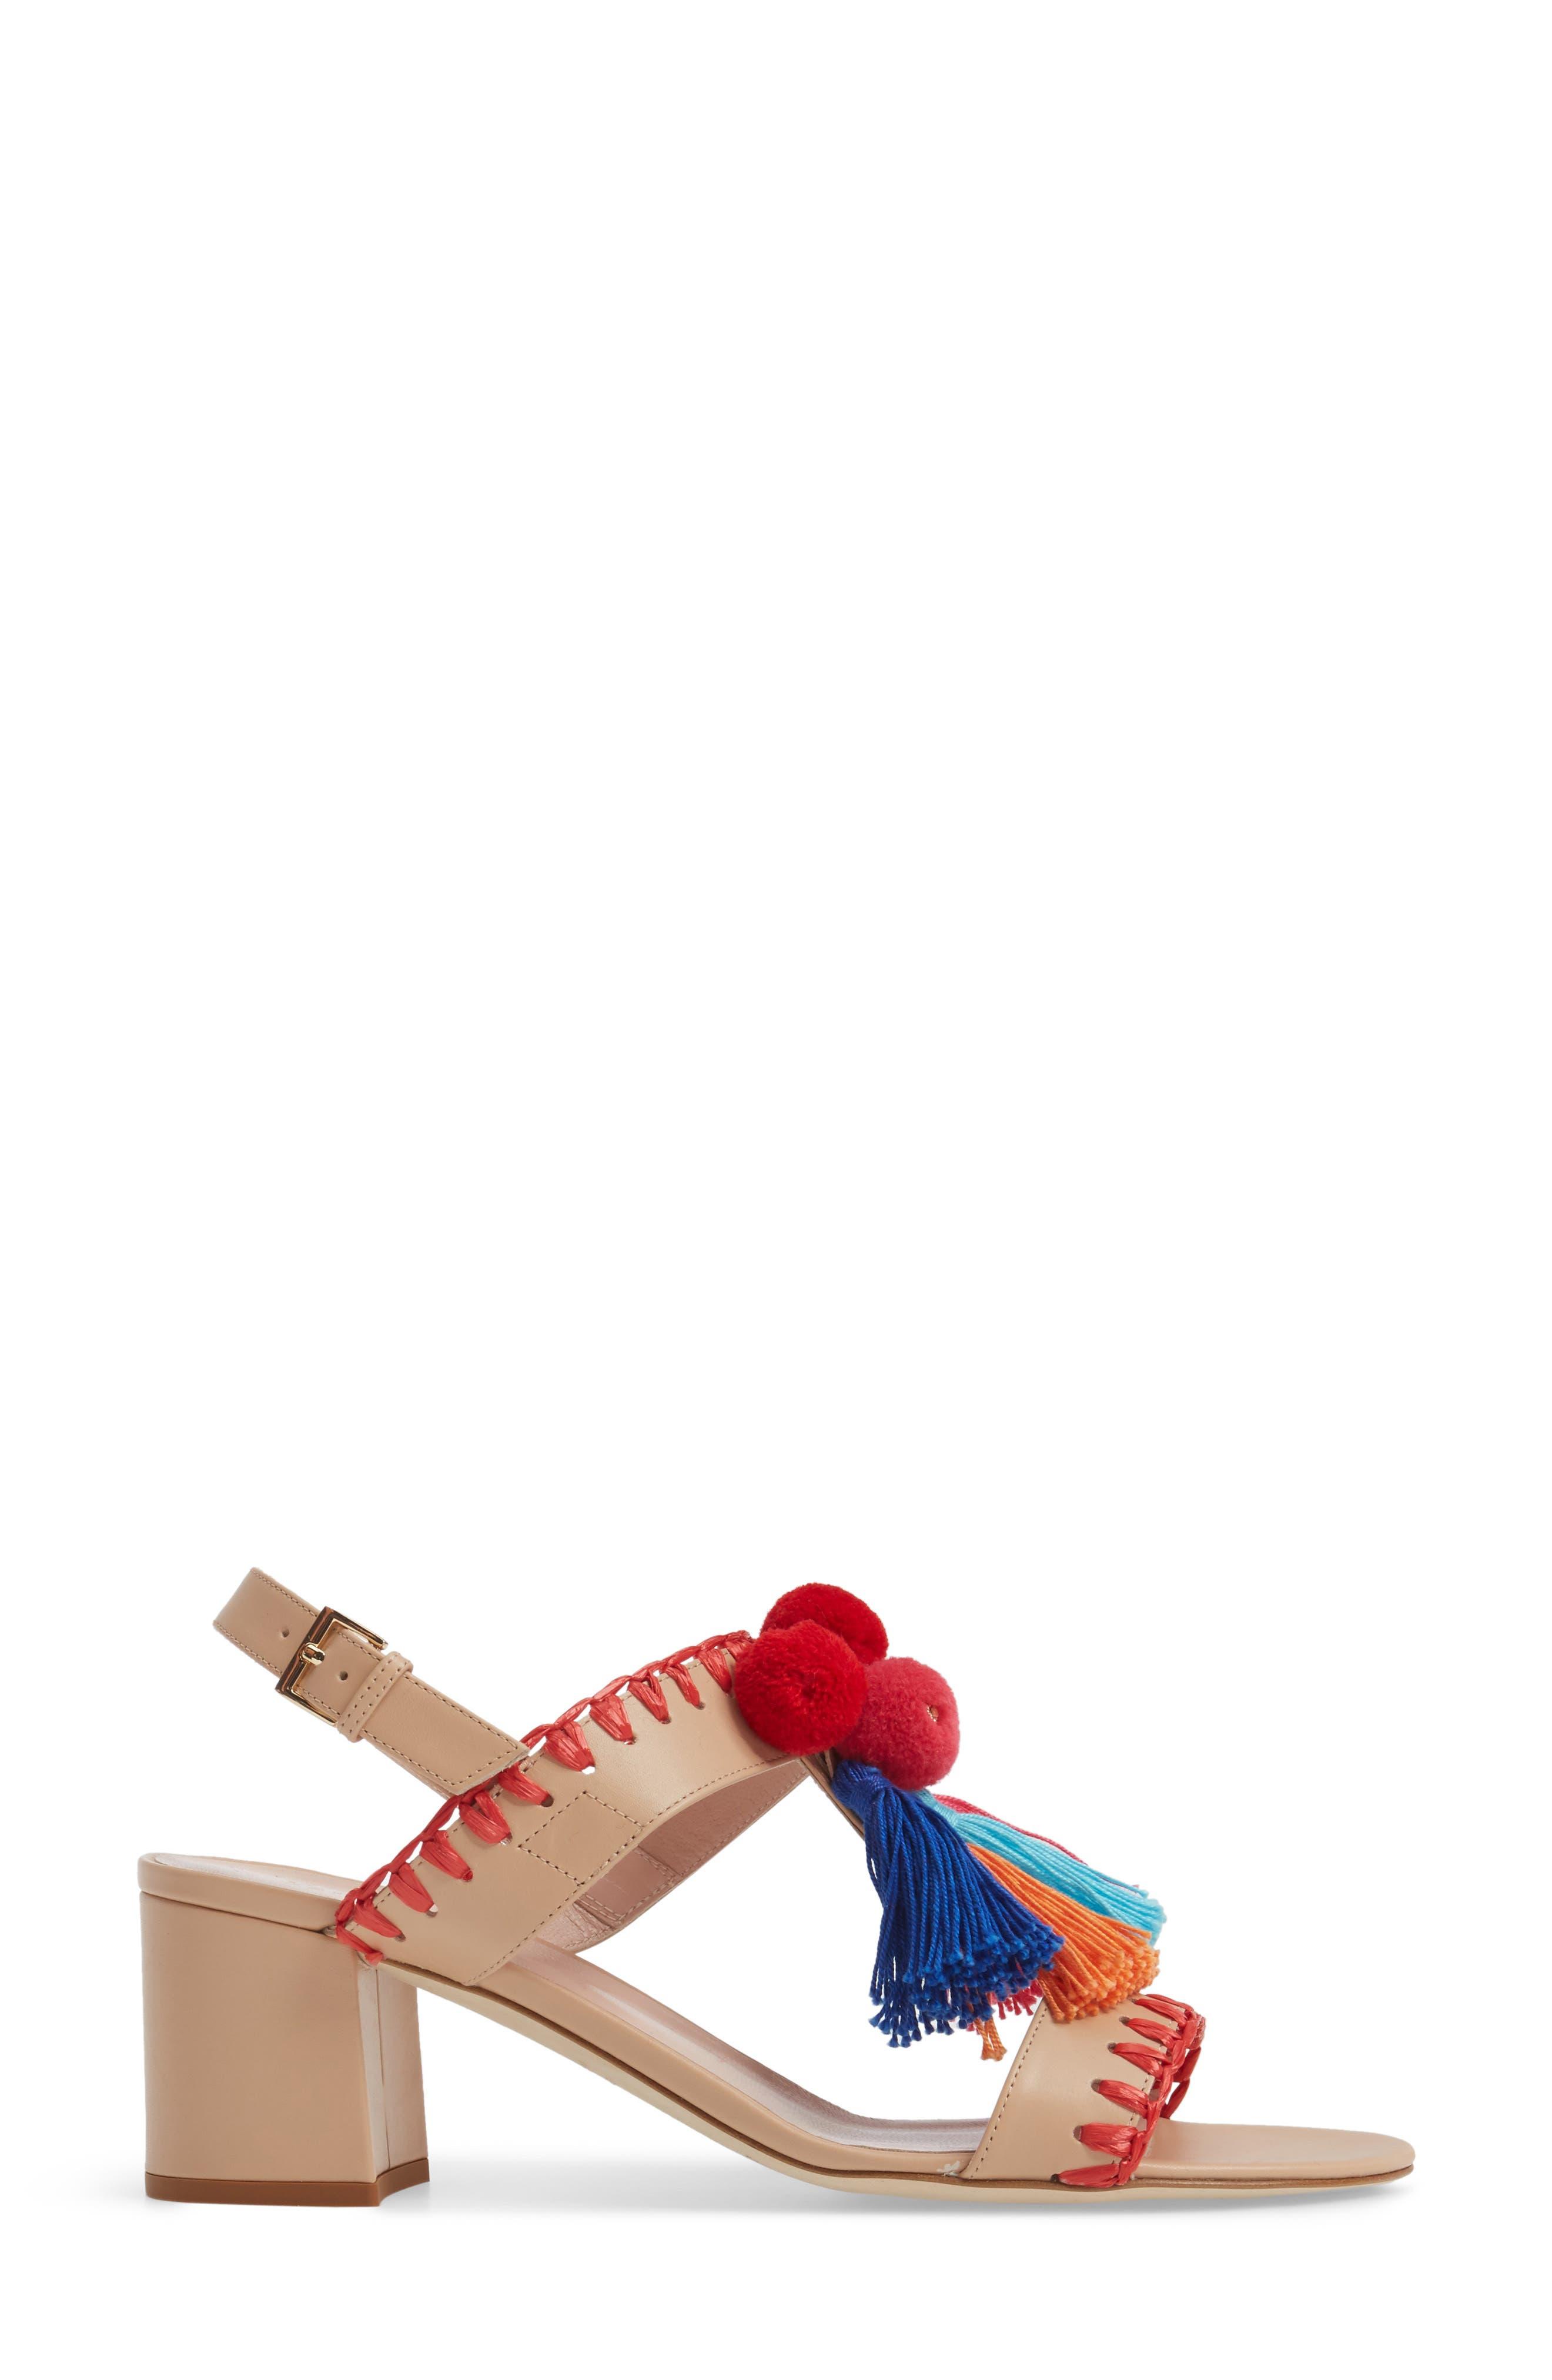 mcdougal pom tassel sandal,                             Alternate thumbnail 3, color,                             278